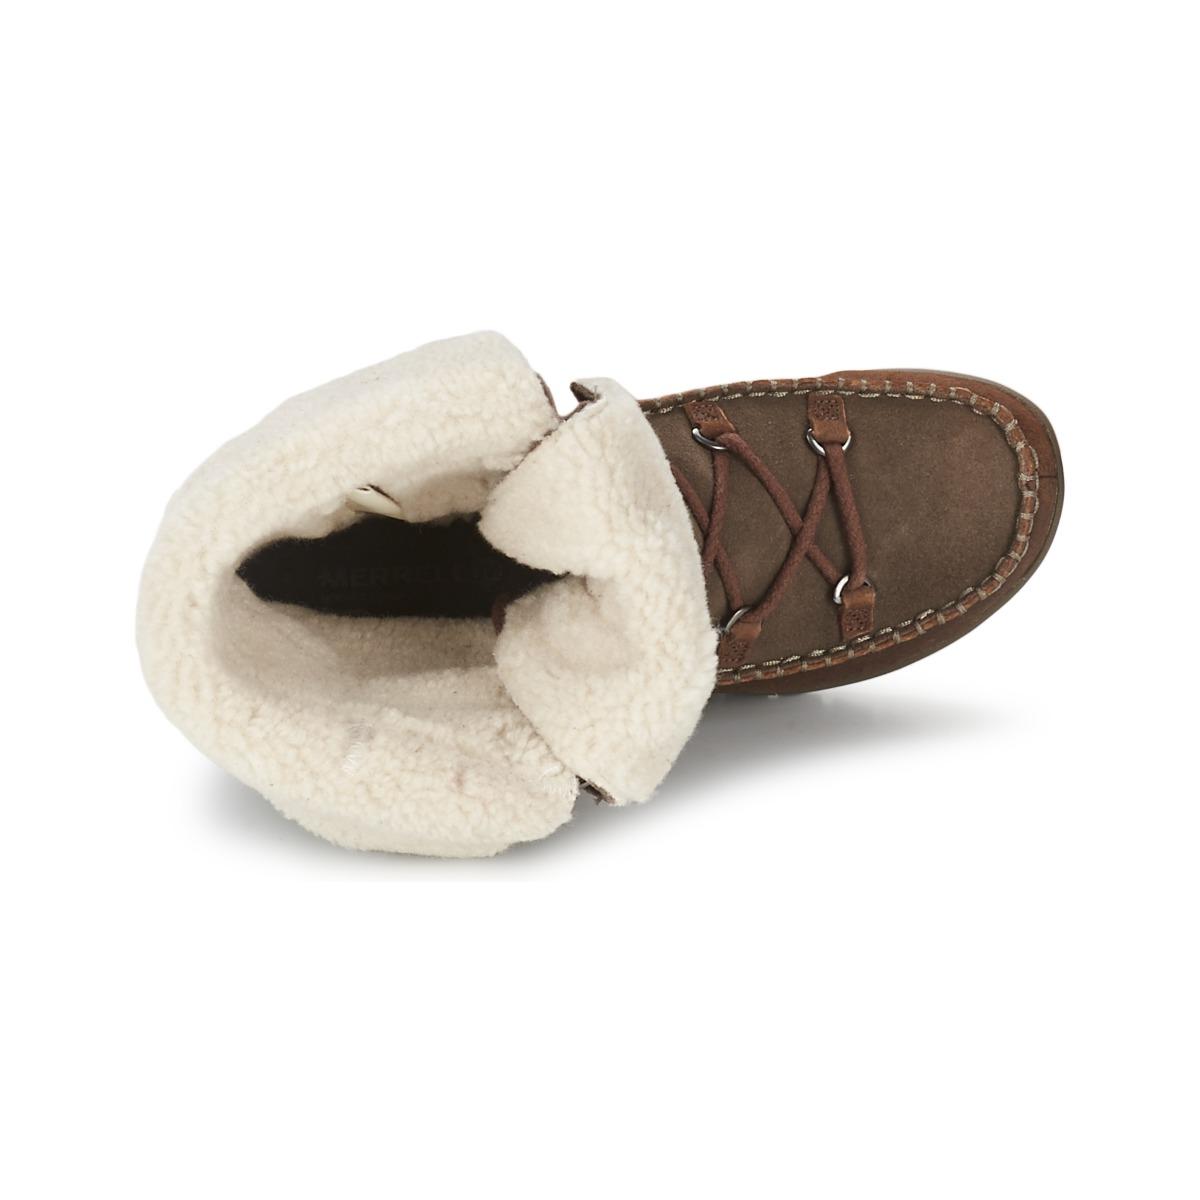 обувь MERRELL j69232 EMERY LACE LTR HIGH MERRELL / Mele